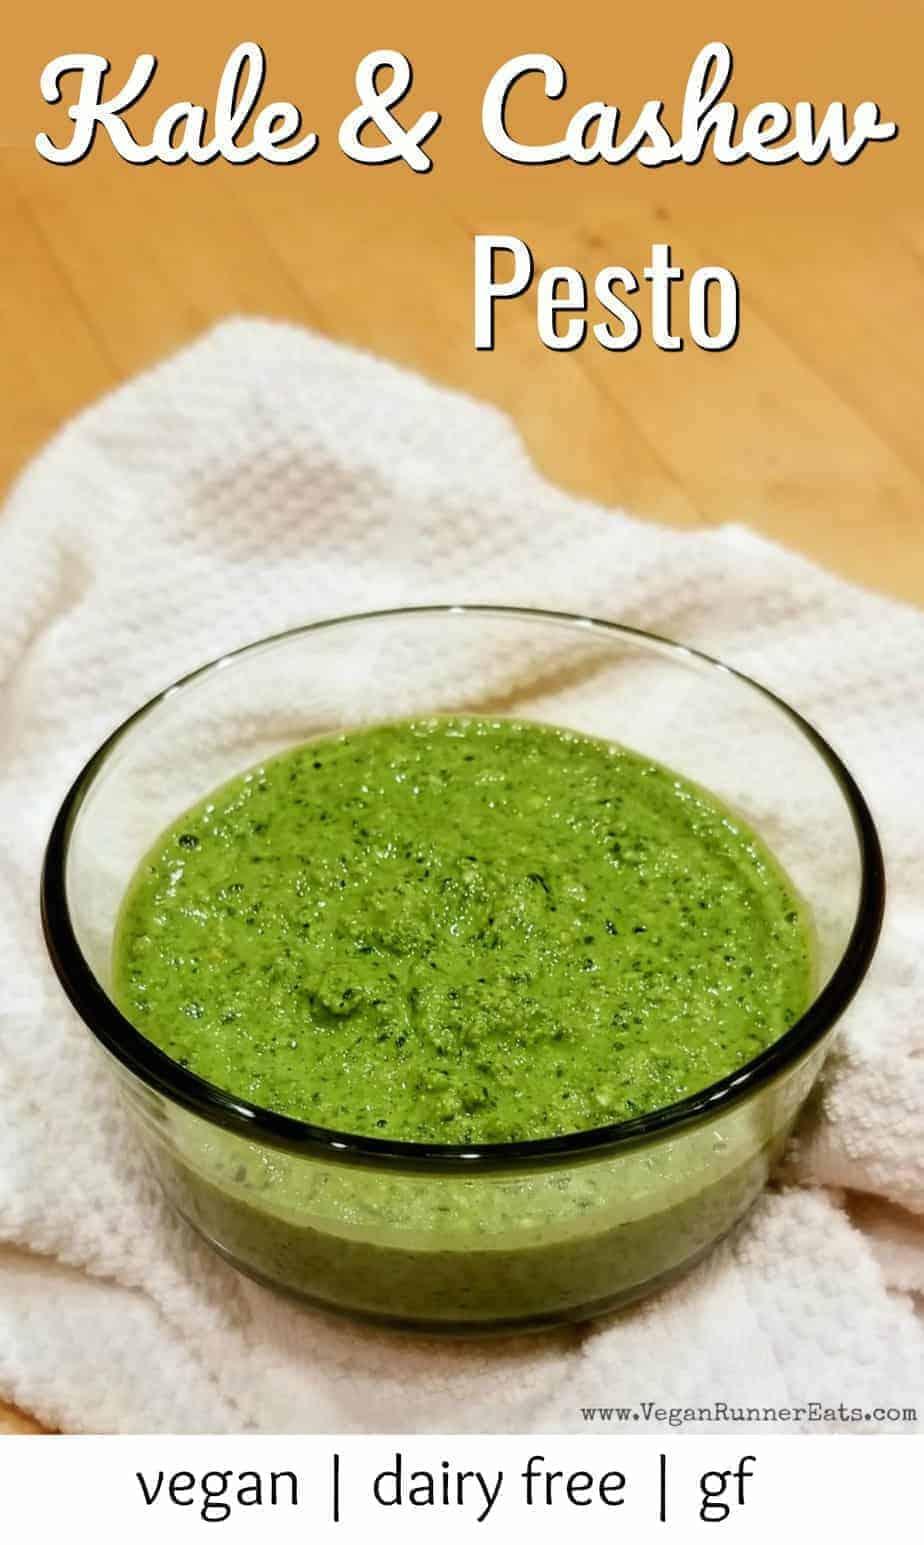 Kale and cashew pesto recipe - vegan pesto recipe with kale basil and pesto